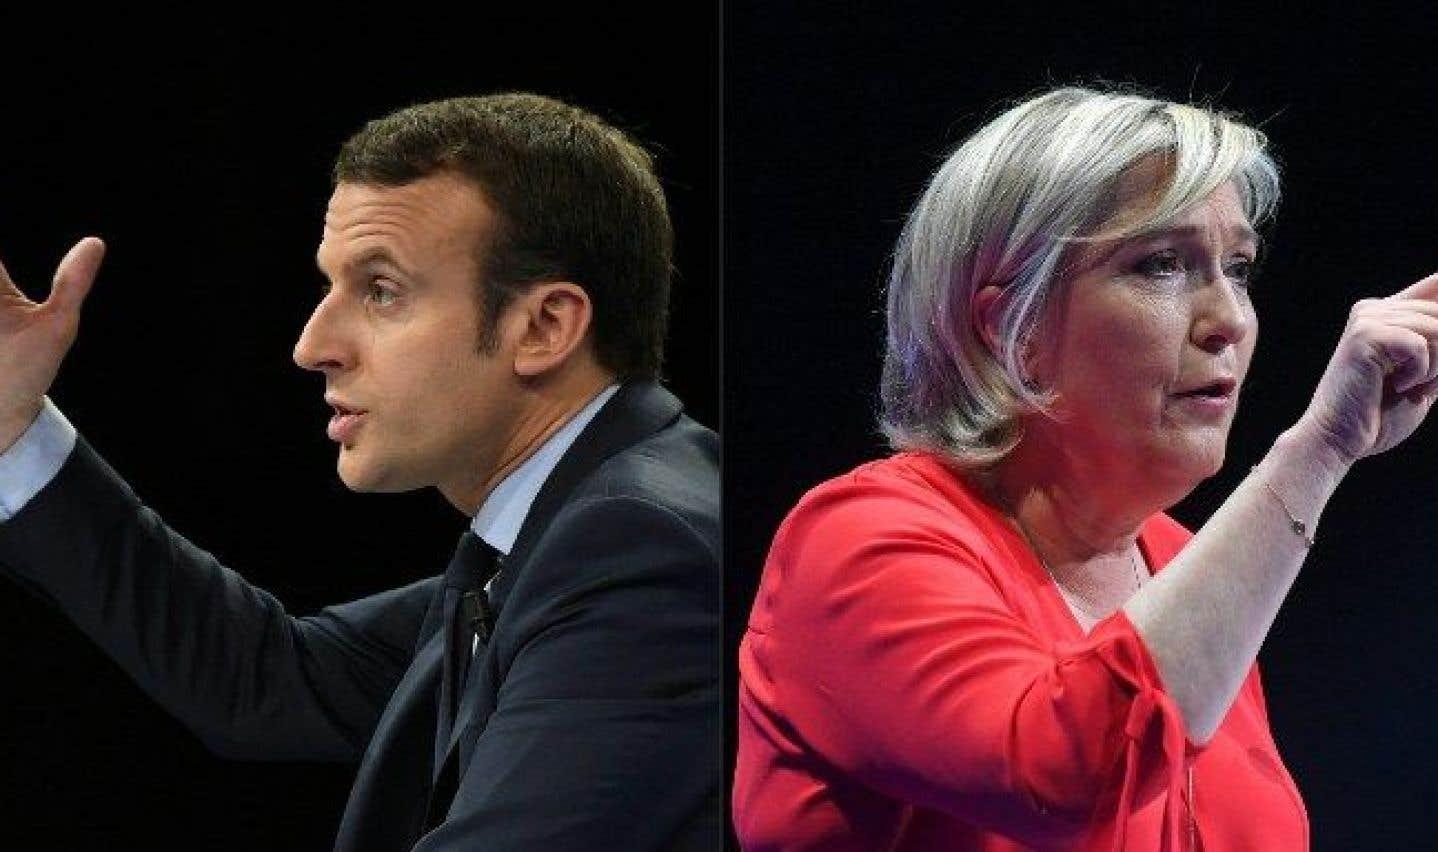 Présidentielle française: le pays fracturé